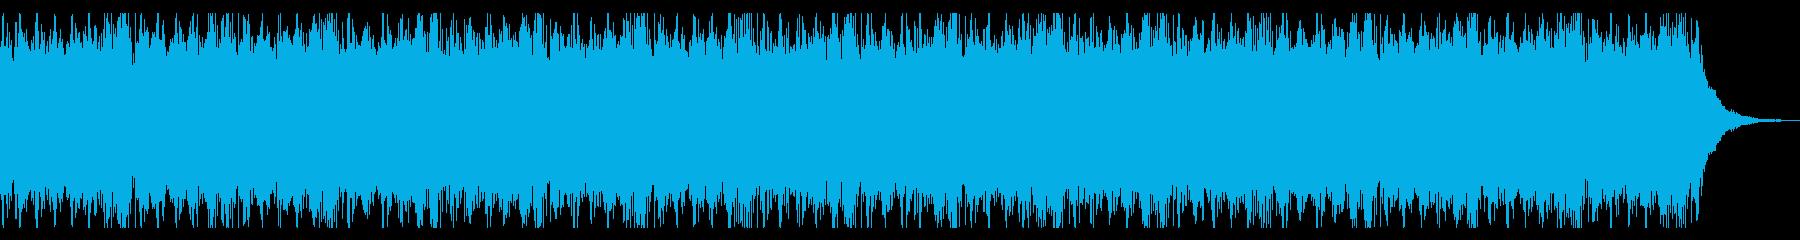 ボス戦をイメージしたBGMの再生済みの波形